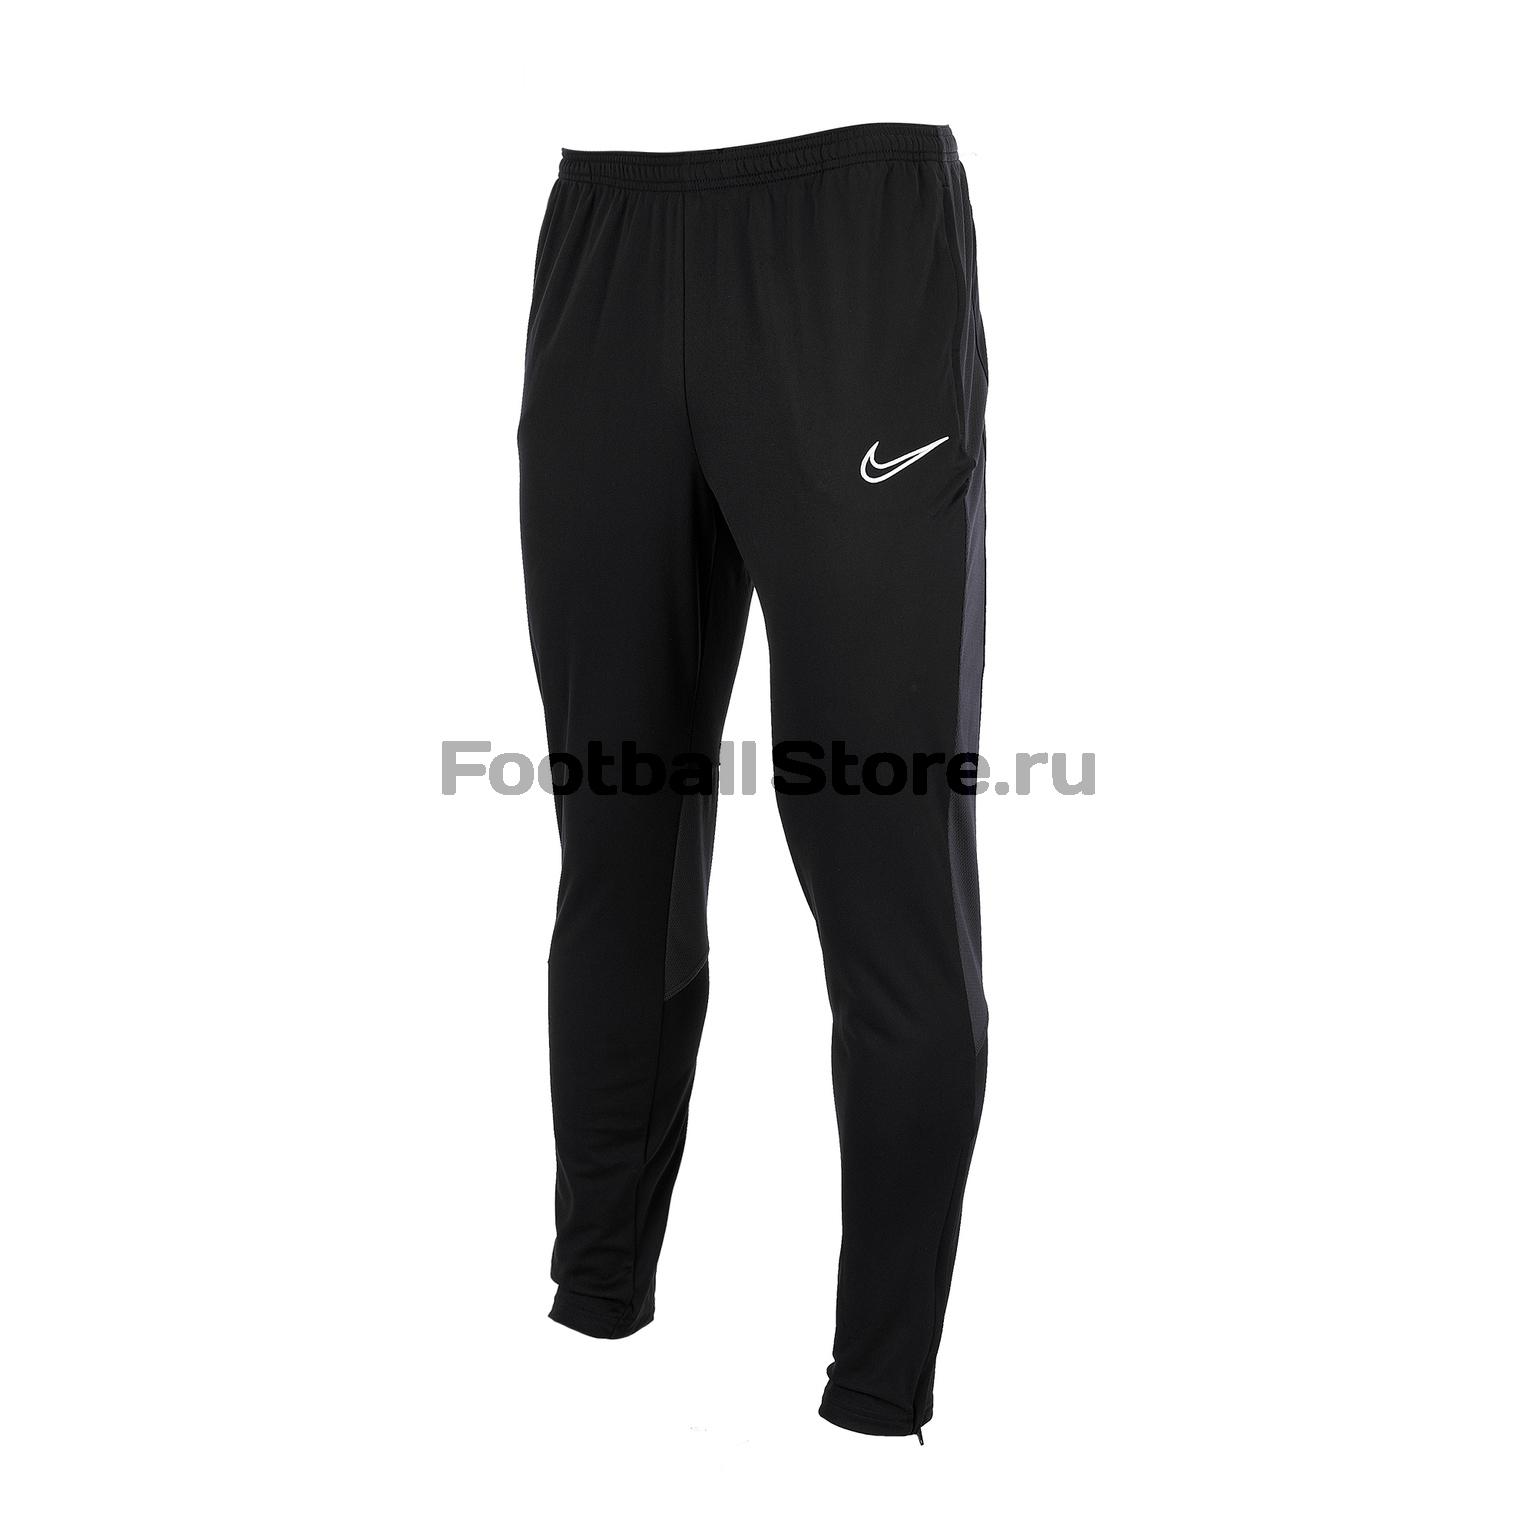 40c4e878 Брюки тренировочные Nike Dry Academy Pant SMR AQ3717-010